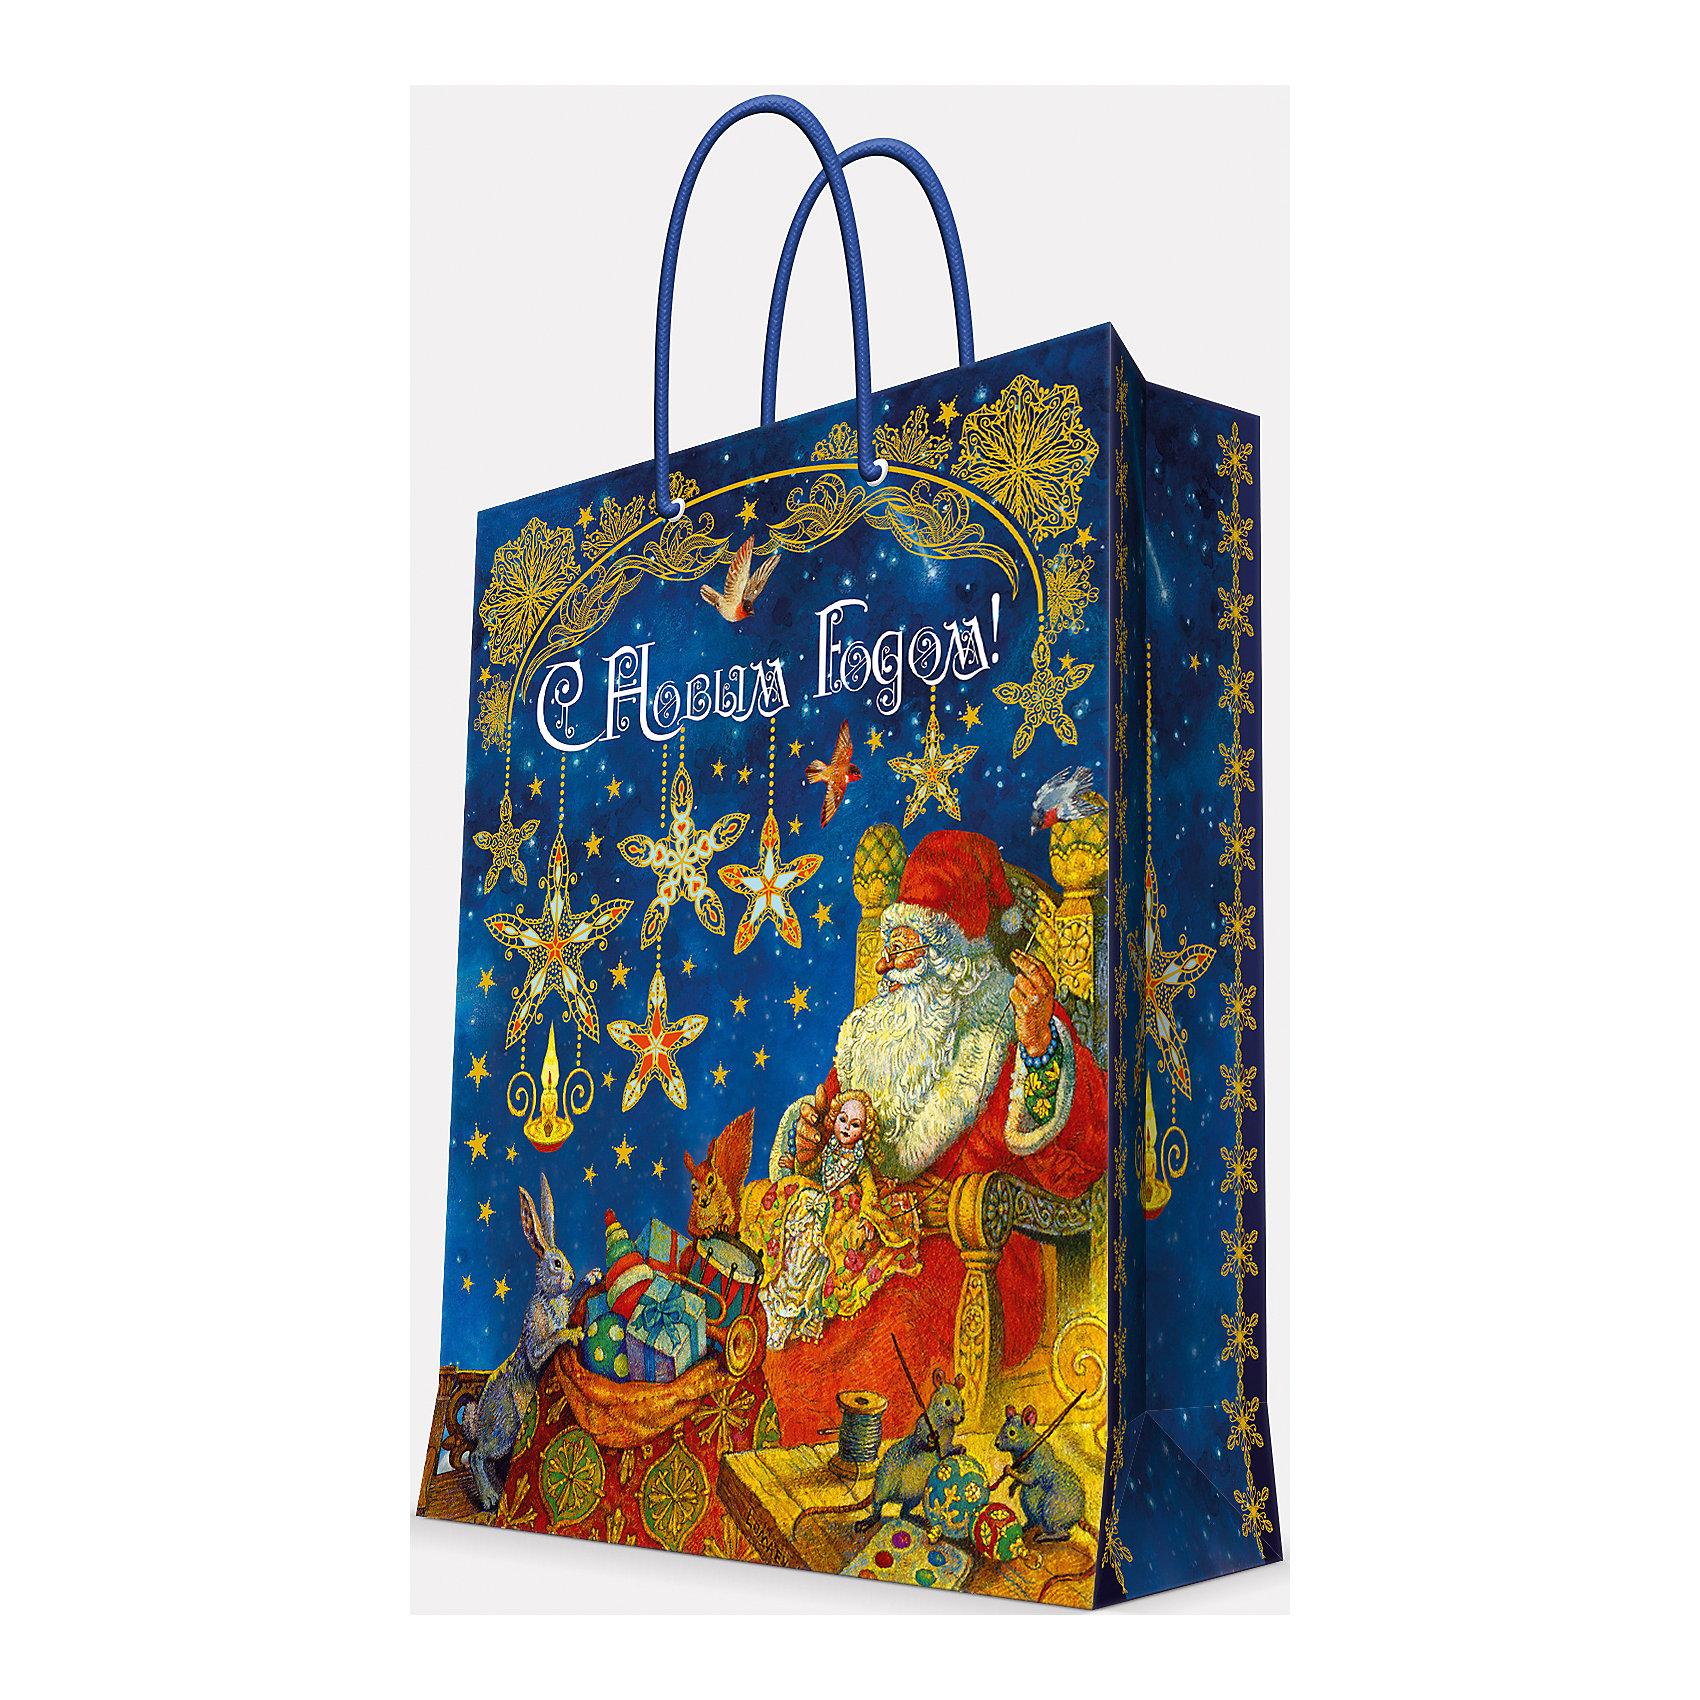 Подарочный пакет Мастерская Деда Мороза 26*32,4*12,7 смПриближение Нового года не может не радовать! Праздничное настроение создает украшенный дом, наряженная ёлка, запах мандаринов, предновогодняя суета и, конечно же, подарки! Чтобы сделать момент вручения приятнее, нужен красивый подарочный пакет.<br>Этот пакет украшен симпатичным универсальным рисунком, поэтому в него можно упаковать подарок и родственнику, и коллеге. Он сделан из безопасного для детей, прочного, но легкого, материала. Создайте с ним праздничное настроение себе и близким!<br><br>Дополнительная информация:<br><br>плотность бумаги: 140 г/м2;<br>размер: 26 х 32 х 13 см;<br>с ламинацией;<br>украшен рисунком.<br><br>Подарочный пакет Мастерская Деда Мороза 26*32,4*12,7 см можно купить в нашем магазине.<br><br>Ширина мм: 260<br>Глубина мм: 234<br>Высота мм: 127<br>Вес г: 71<br>Возраст от месяцев: 36<br>Возраст до месяцев: 2147483647<br>Пол: Унисекс<br>Возраст: Детский<br>SKU: 4981593